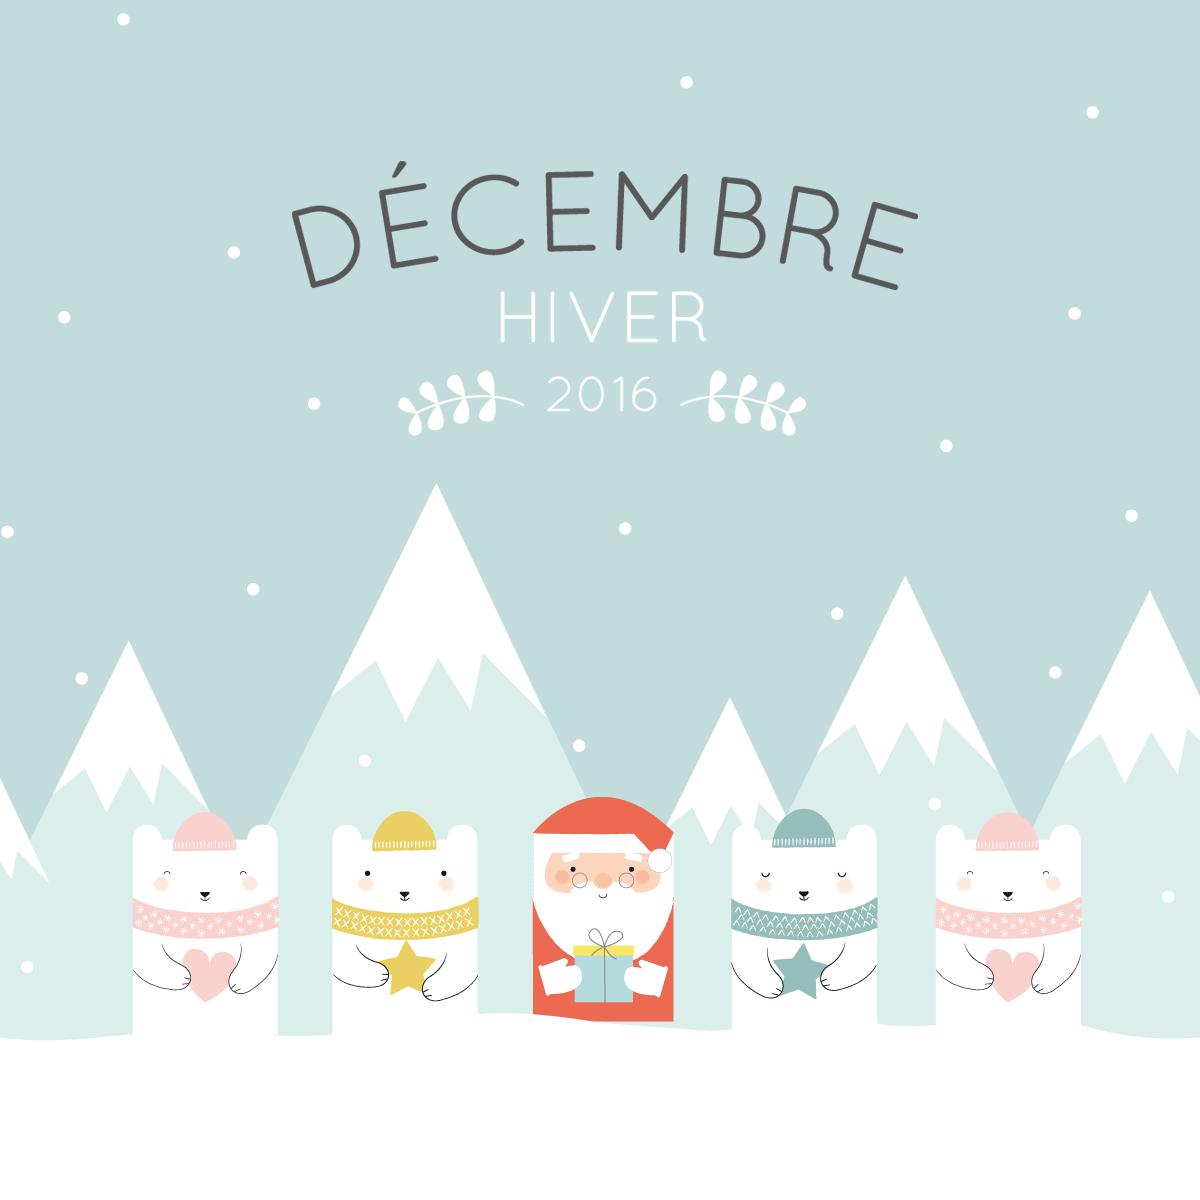 Calendario navideño de diciembre gratis. #calendario #navidad ...